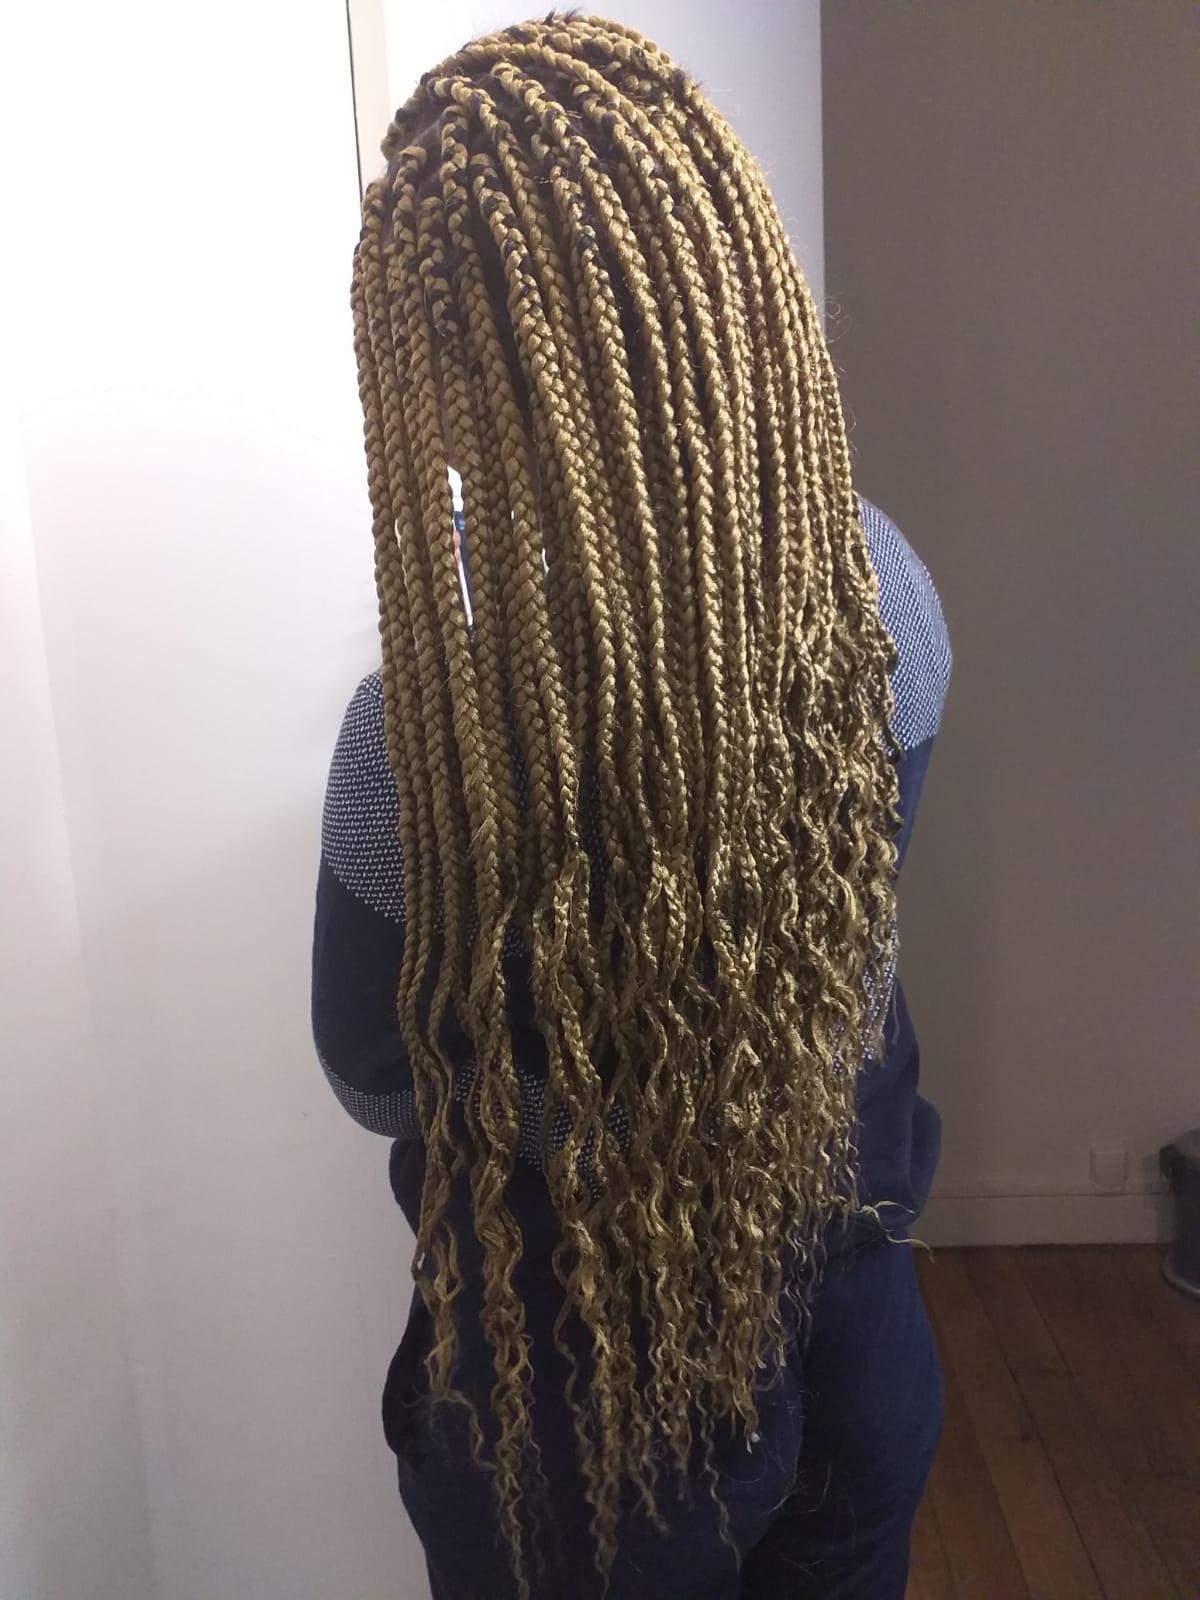 salon de coiffure afro tresse tresses box braids crochet braids vanilles tissages paris 75 77 78 91 92 93 94 95 YGMNMFPK